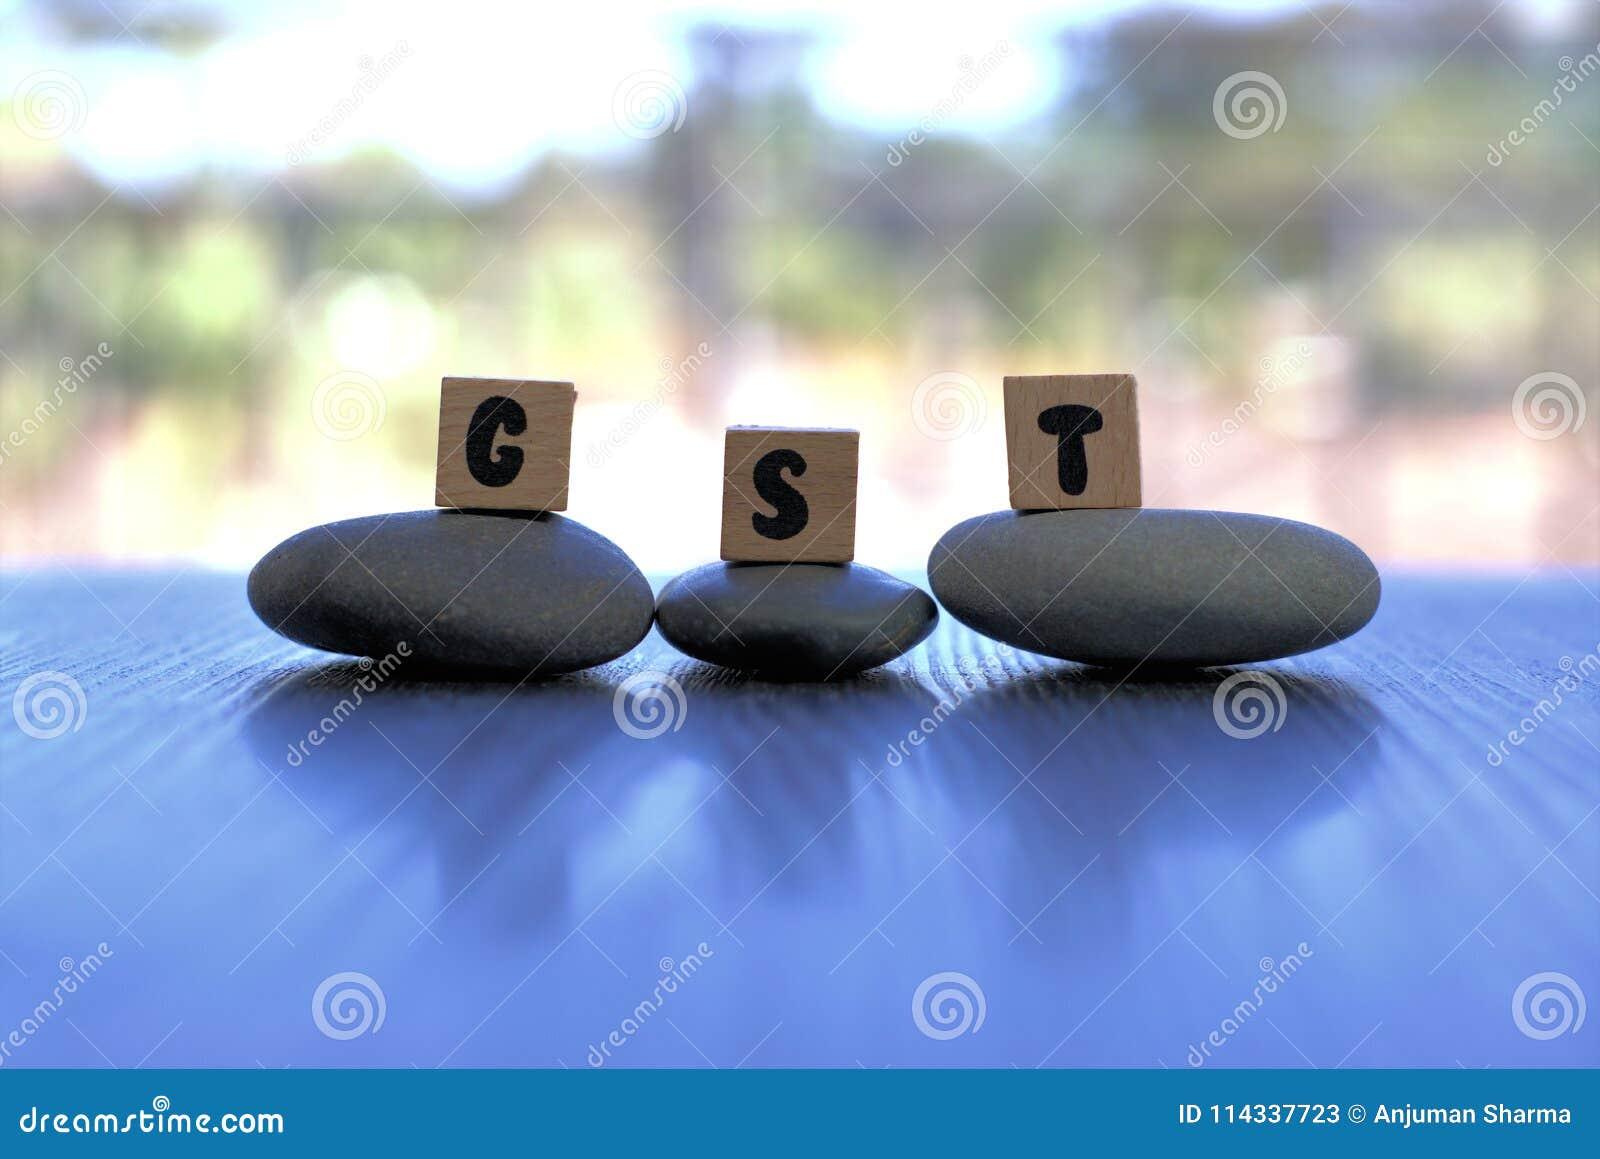 Wort Mit Drei Buchstaben